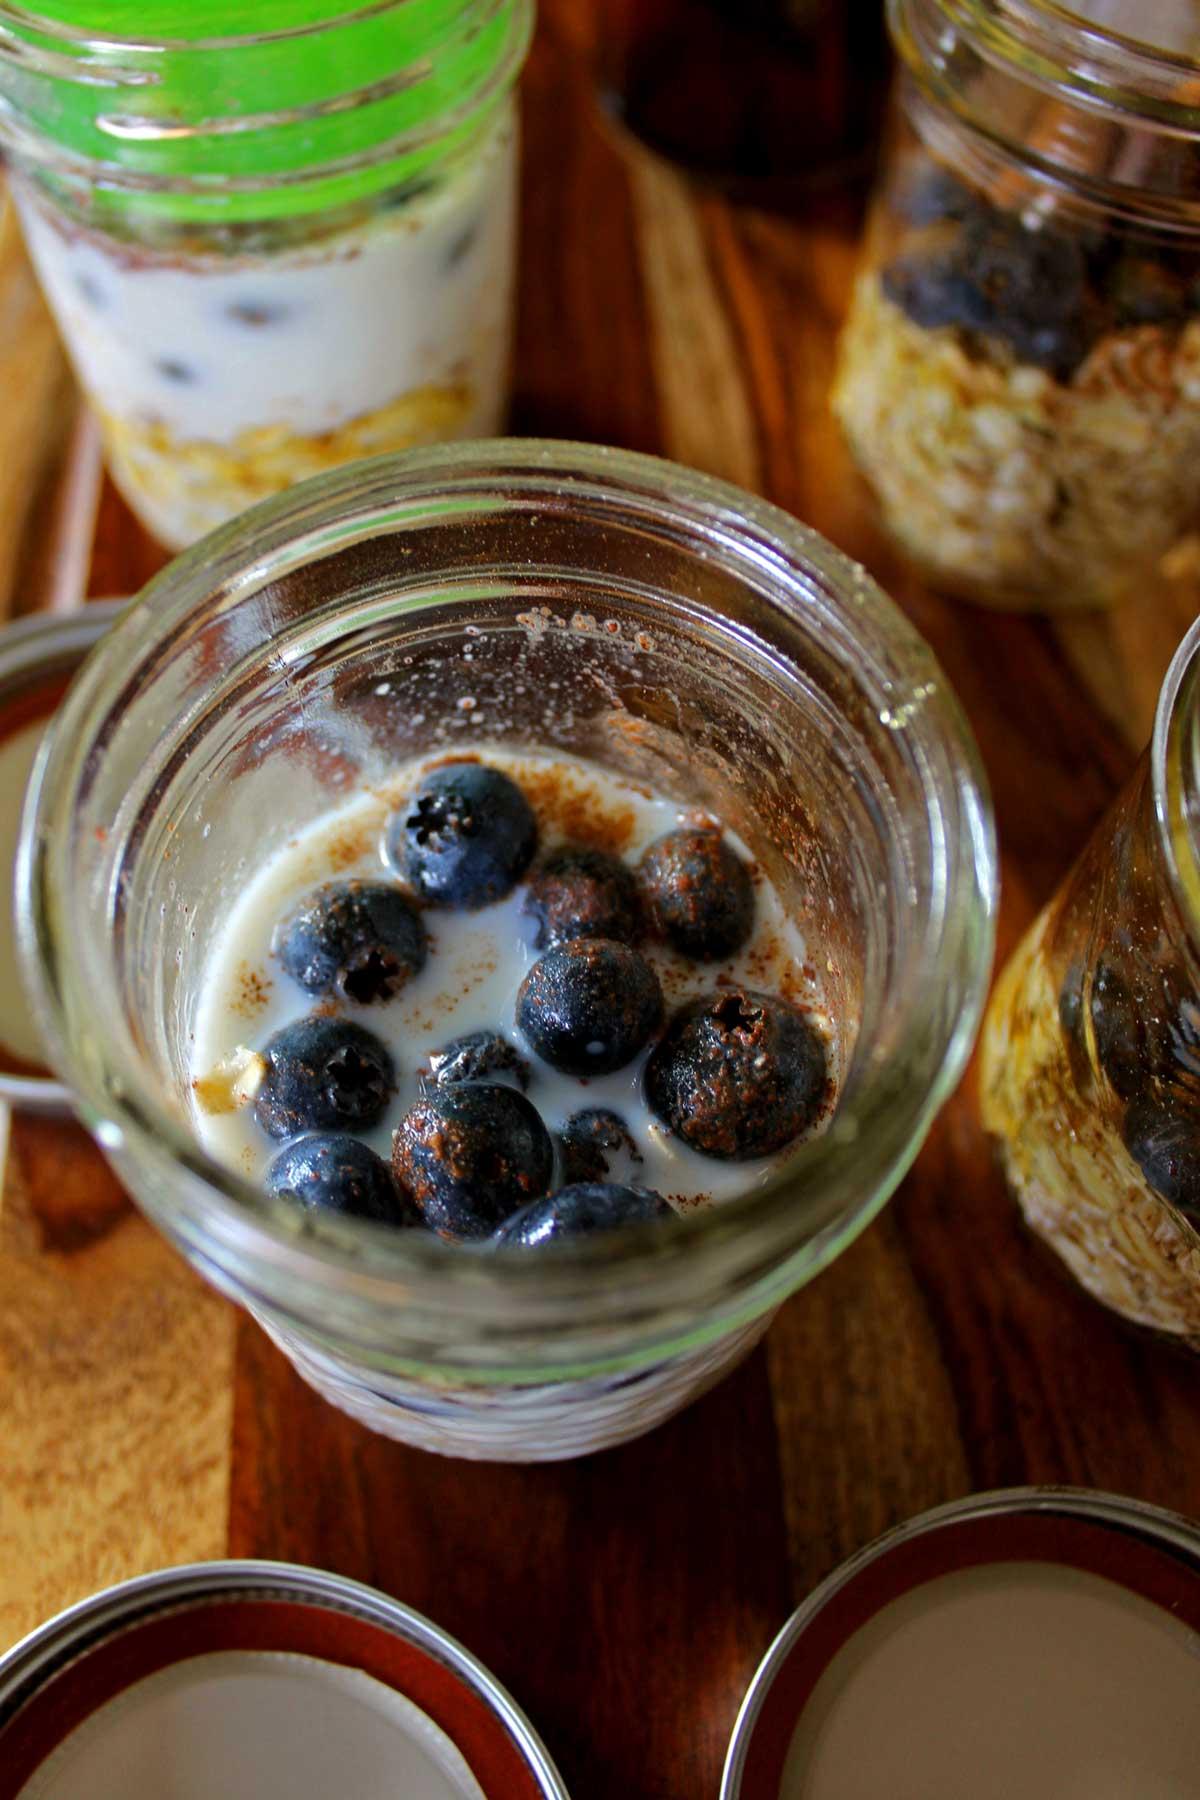 oats in a jar